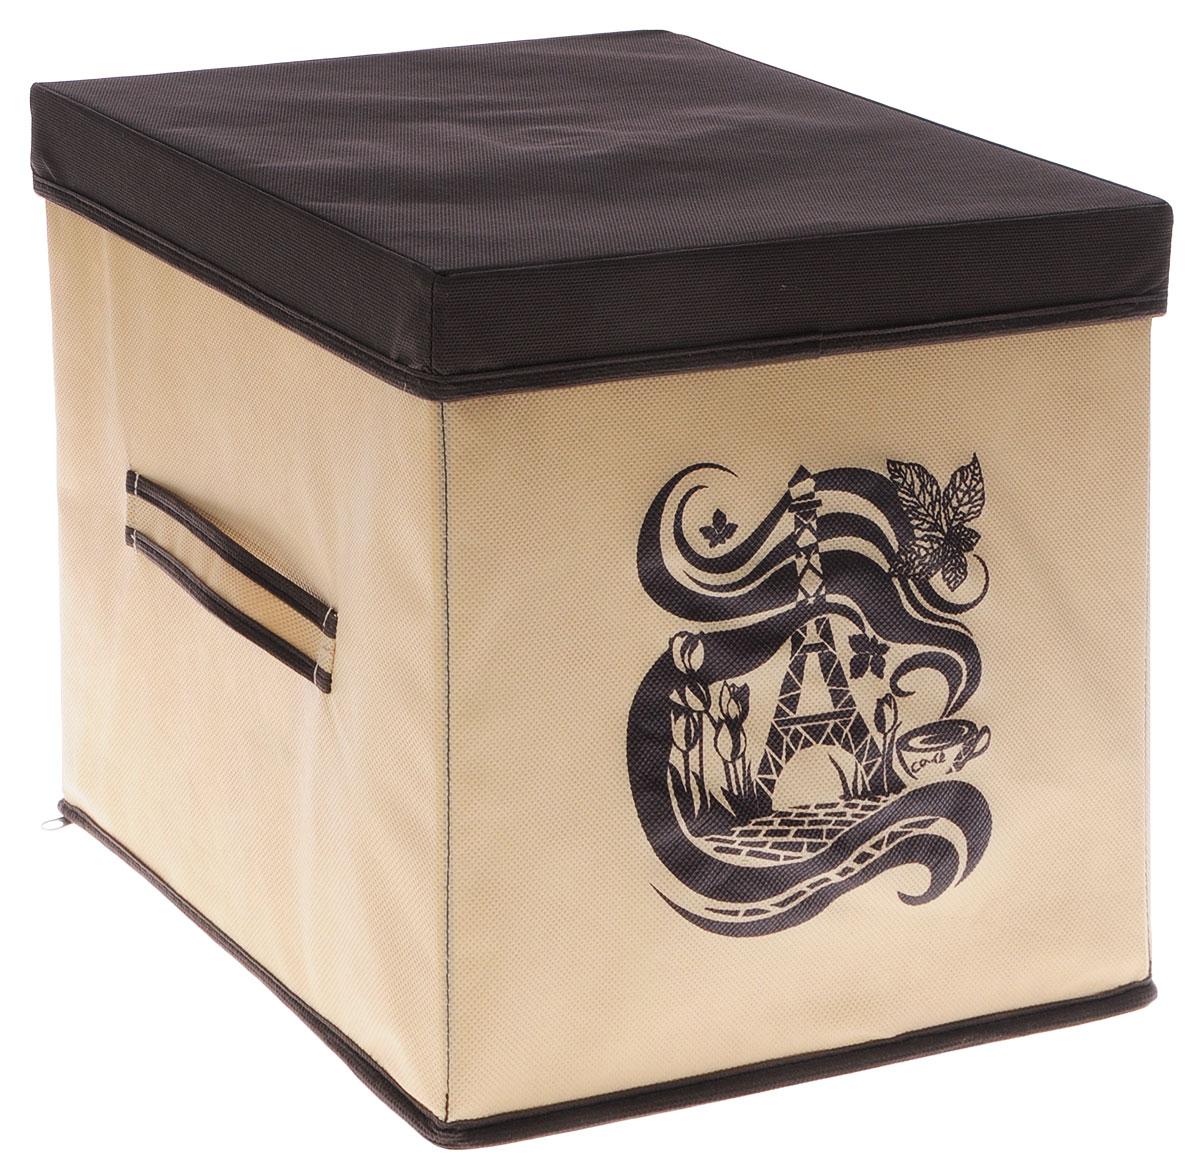 Коробка для вещей и игрушек Все на местах Париж, с крышкой, цвет: коричневый, бежевый, 30 х 30 х 30 см04742-X51-00Коробка с крышкой Все на местах выполнена из высококачественного нетканого материала, который обеспечивает естественную вентиляцию и предназначен для хранения вещей или игрушек. Он защитит вещи от повреждений, пыли, влаги и загрязнений во время хранения и транспортировки. Размер коробки: 30 х 30 х 30 см.